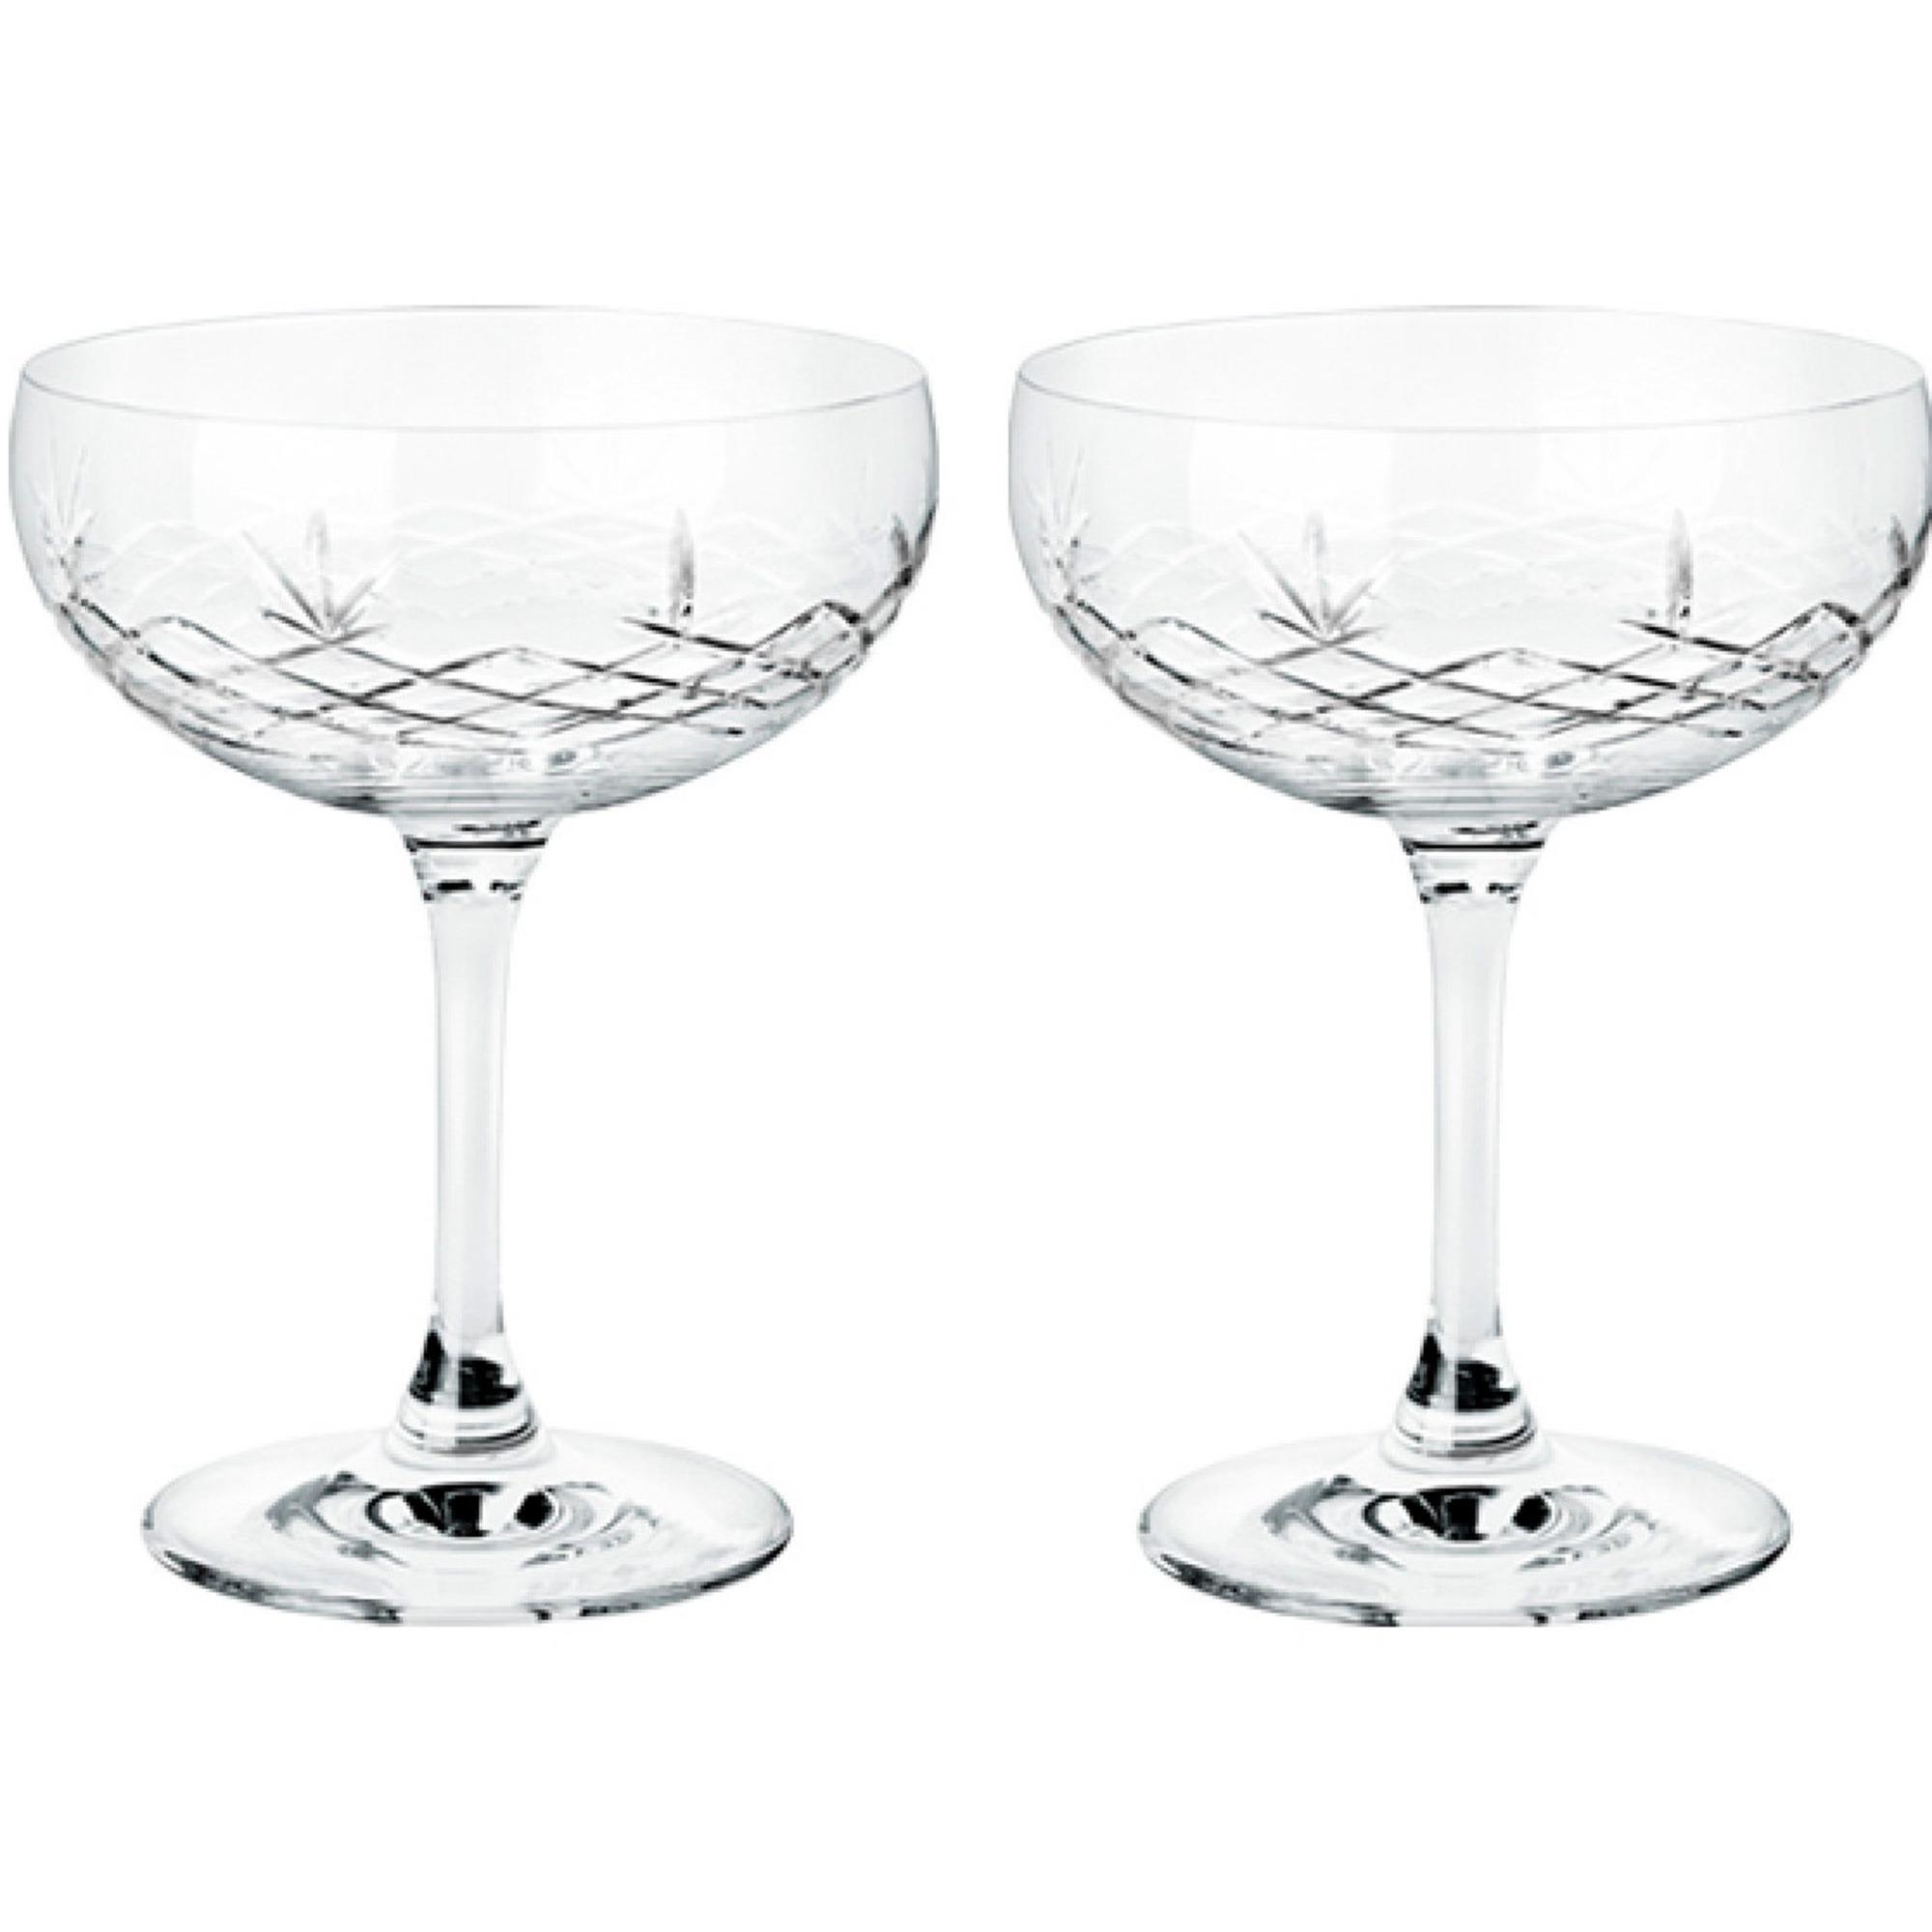 Frederik Bagger Crispy Gatsby champagneglas 2 st.